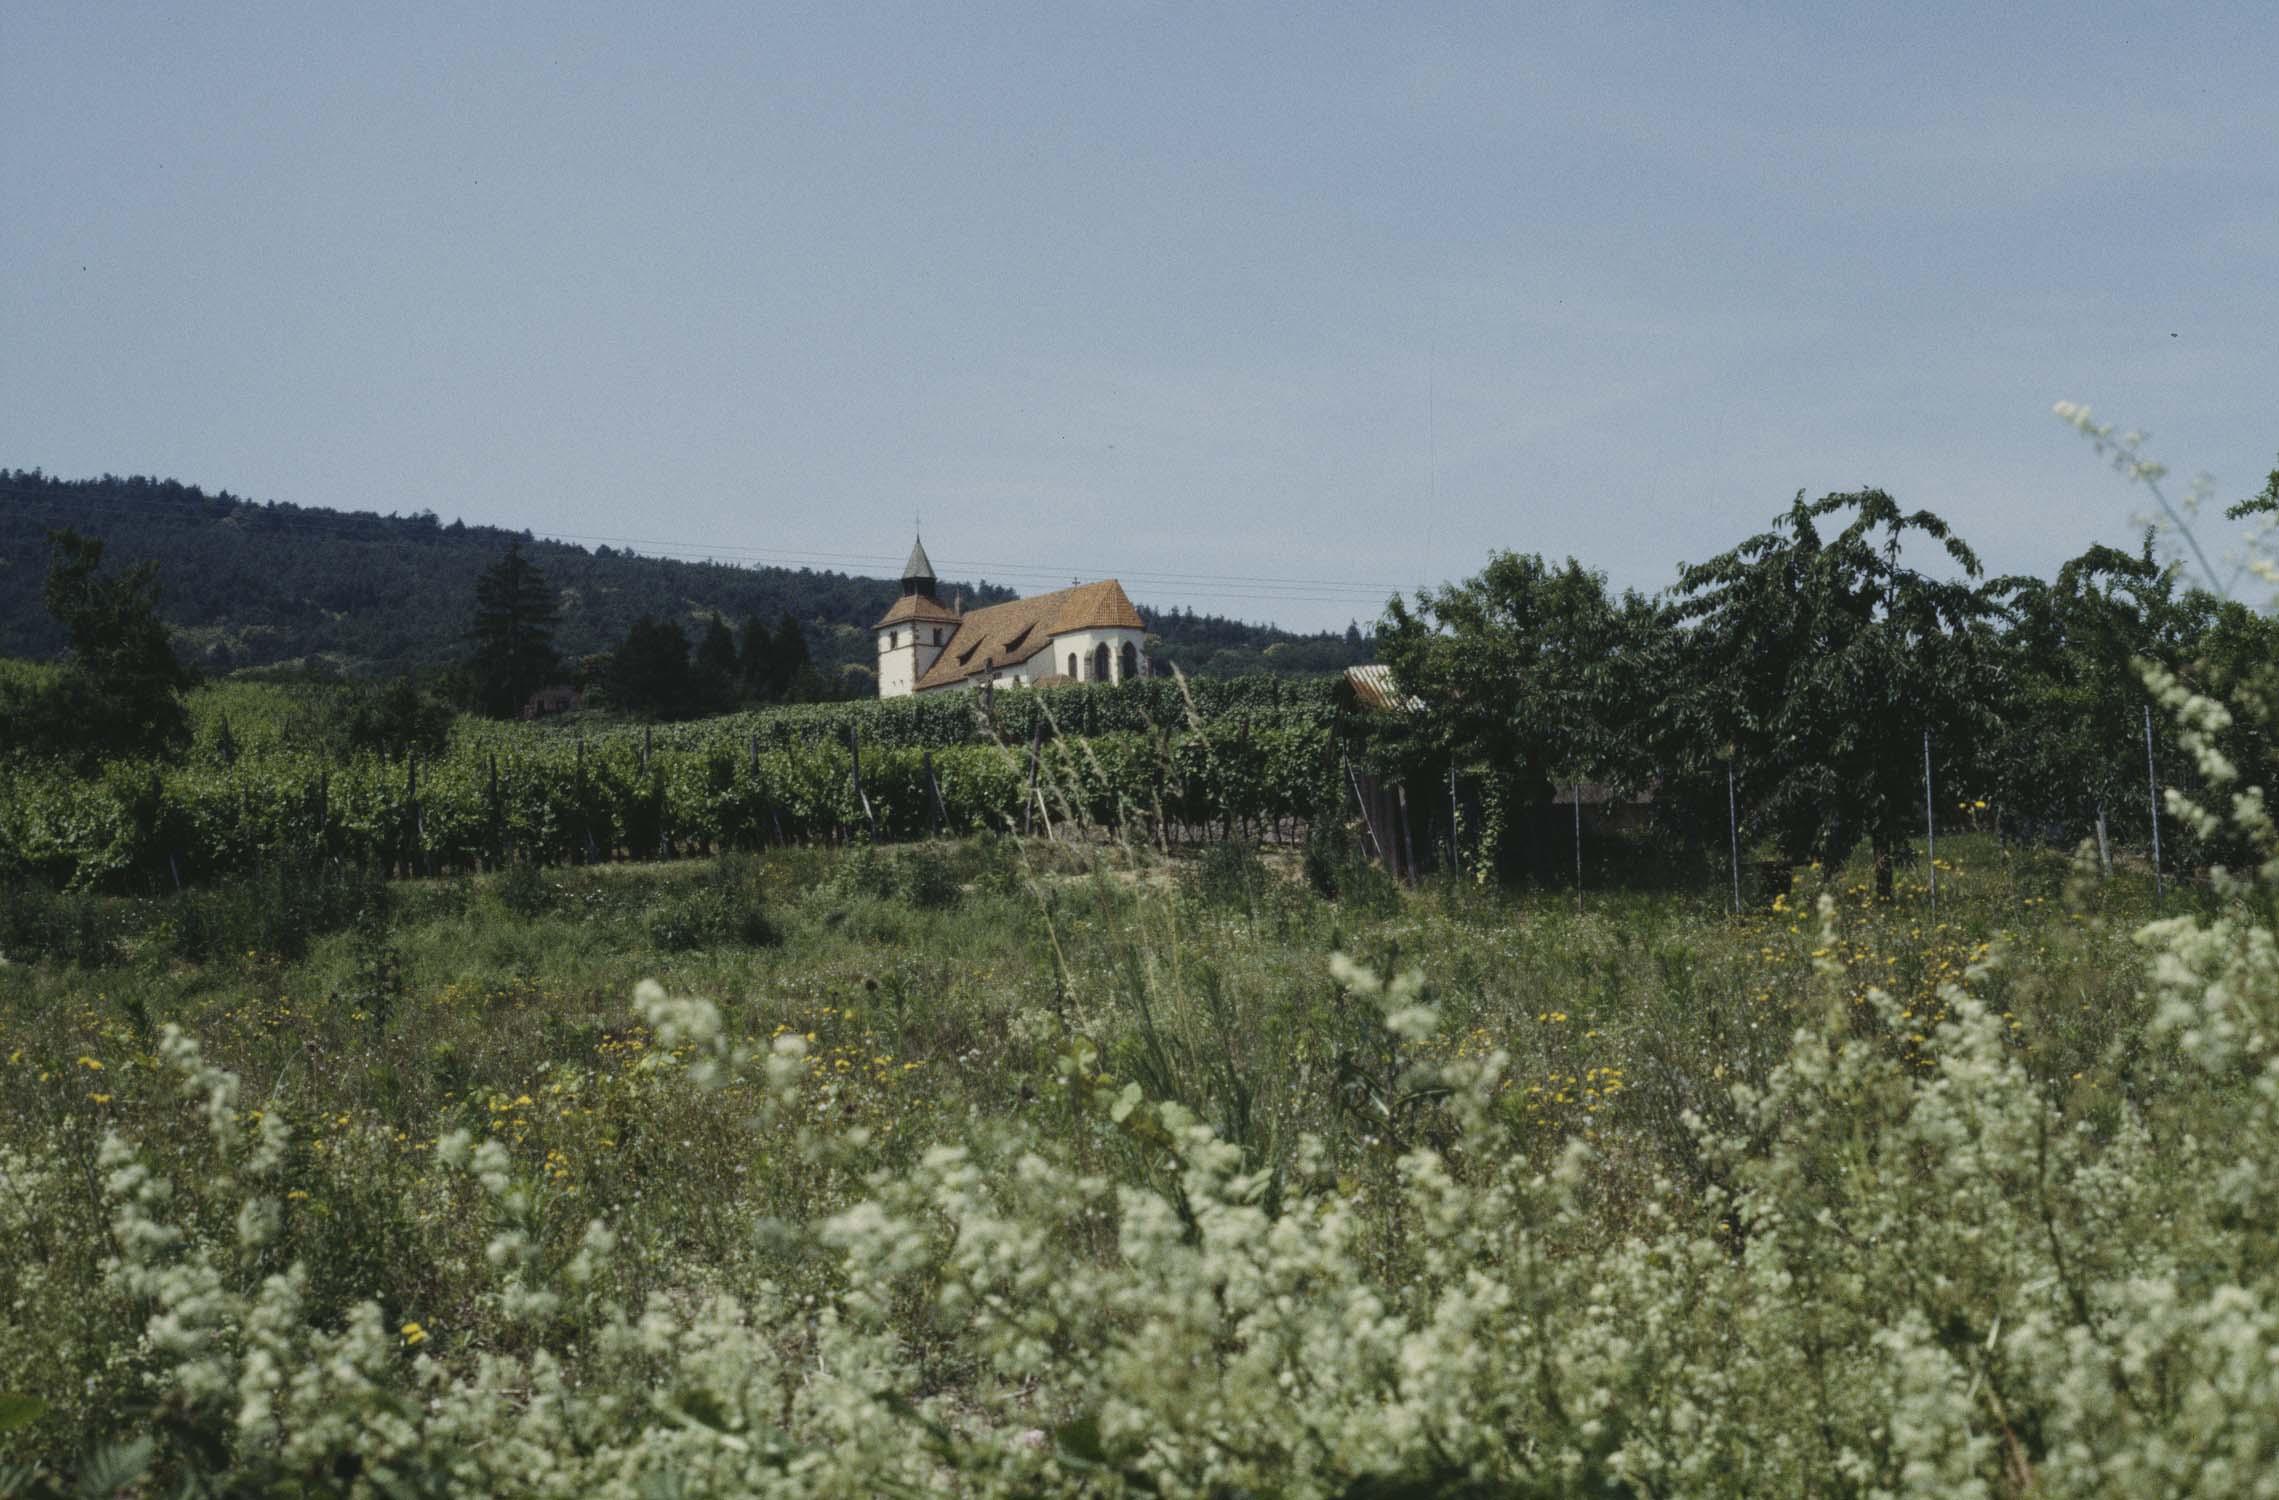 Chapelle, vue à distance d'un champ